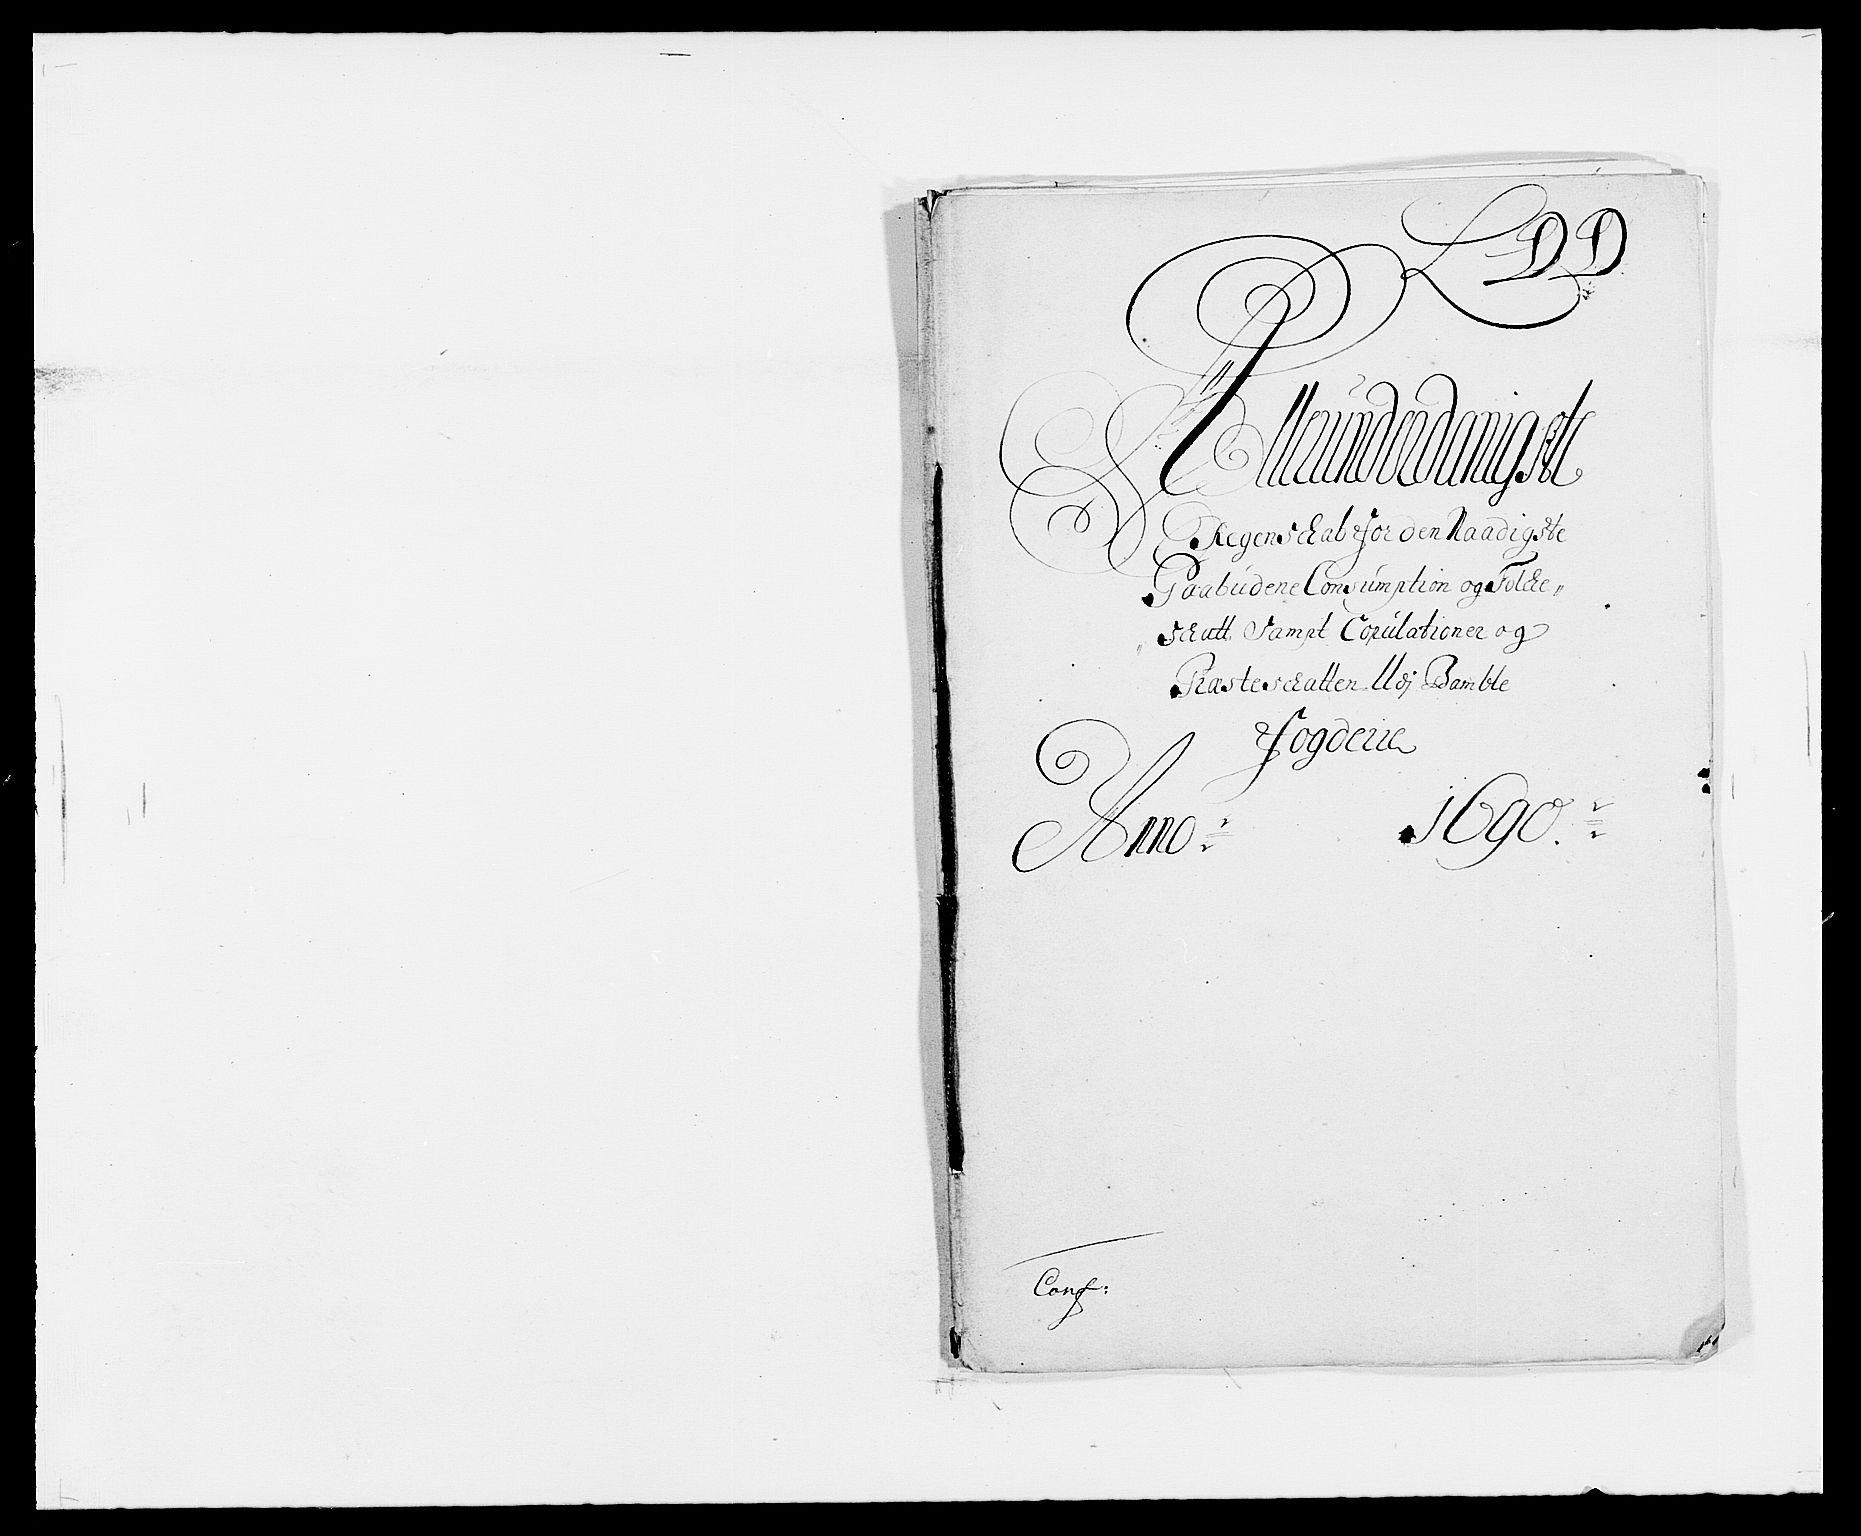 RA, Rentekammeret inntil 1814, Reviderte regnskaper, Fogderegnskap, R34/L2051: Fogderegnskap Bamble, 1688-1691, s. 120